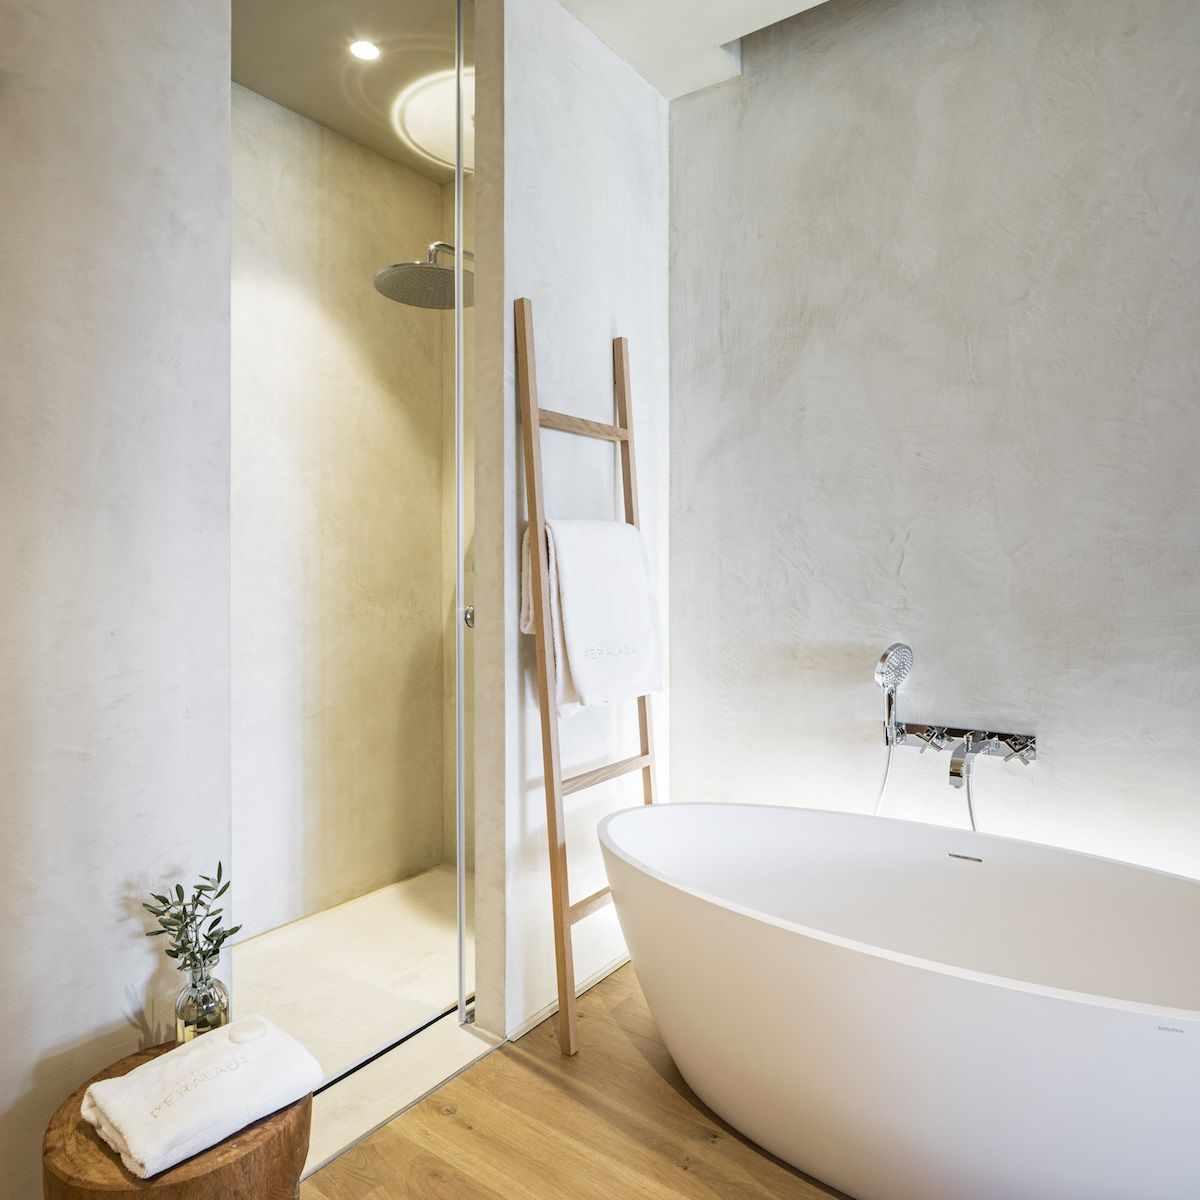 идея применения красивой декоративной штукатурки в декоре ванной комнаты